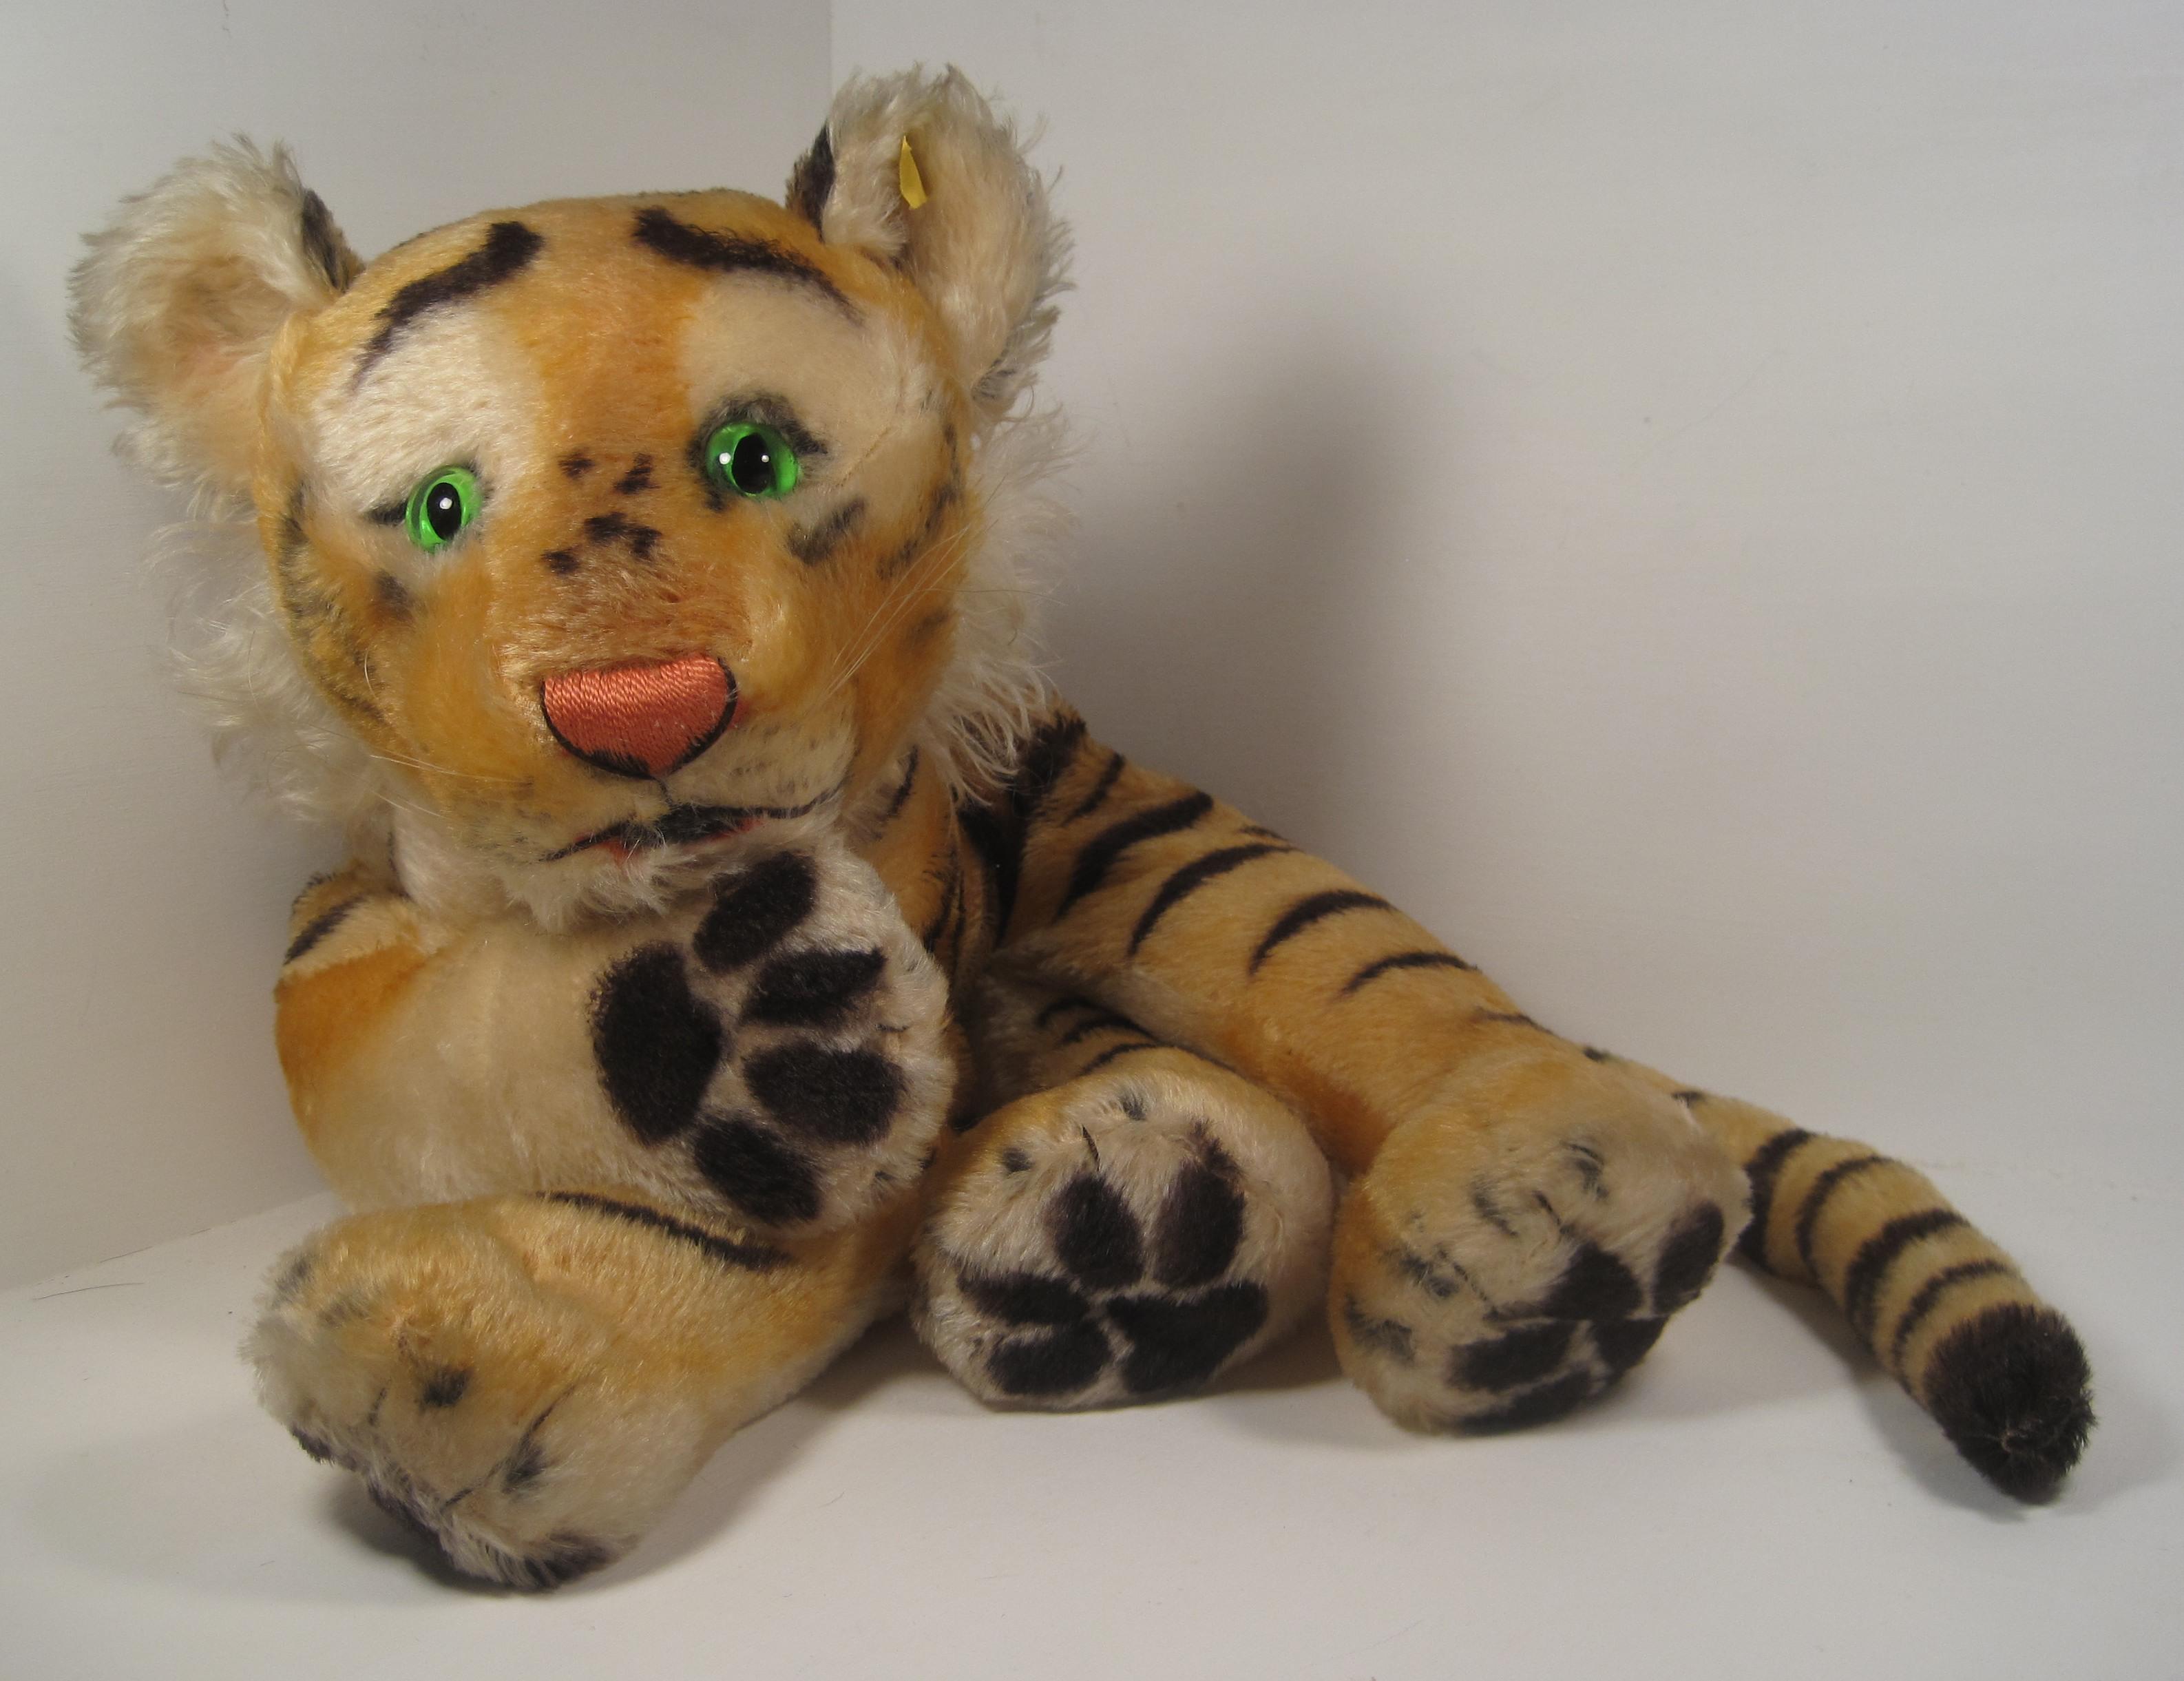 Vintage Steiff Stuffed Animals